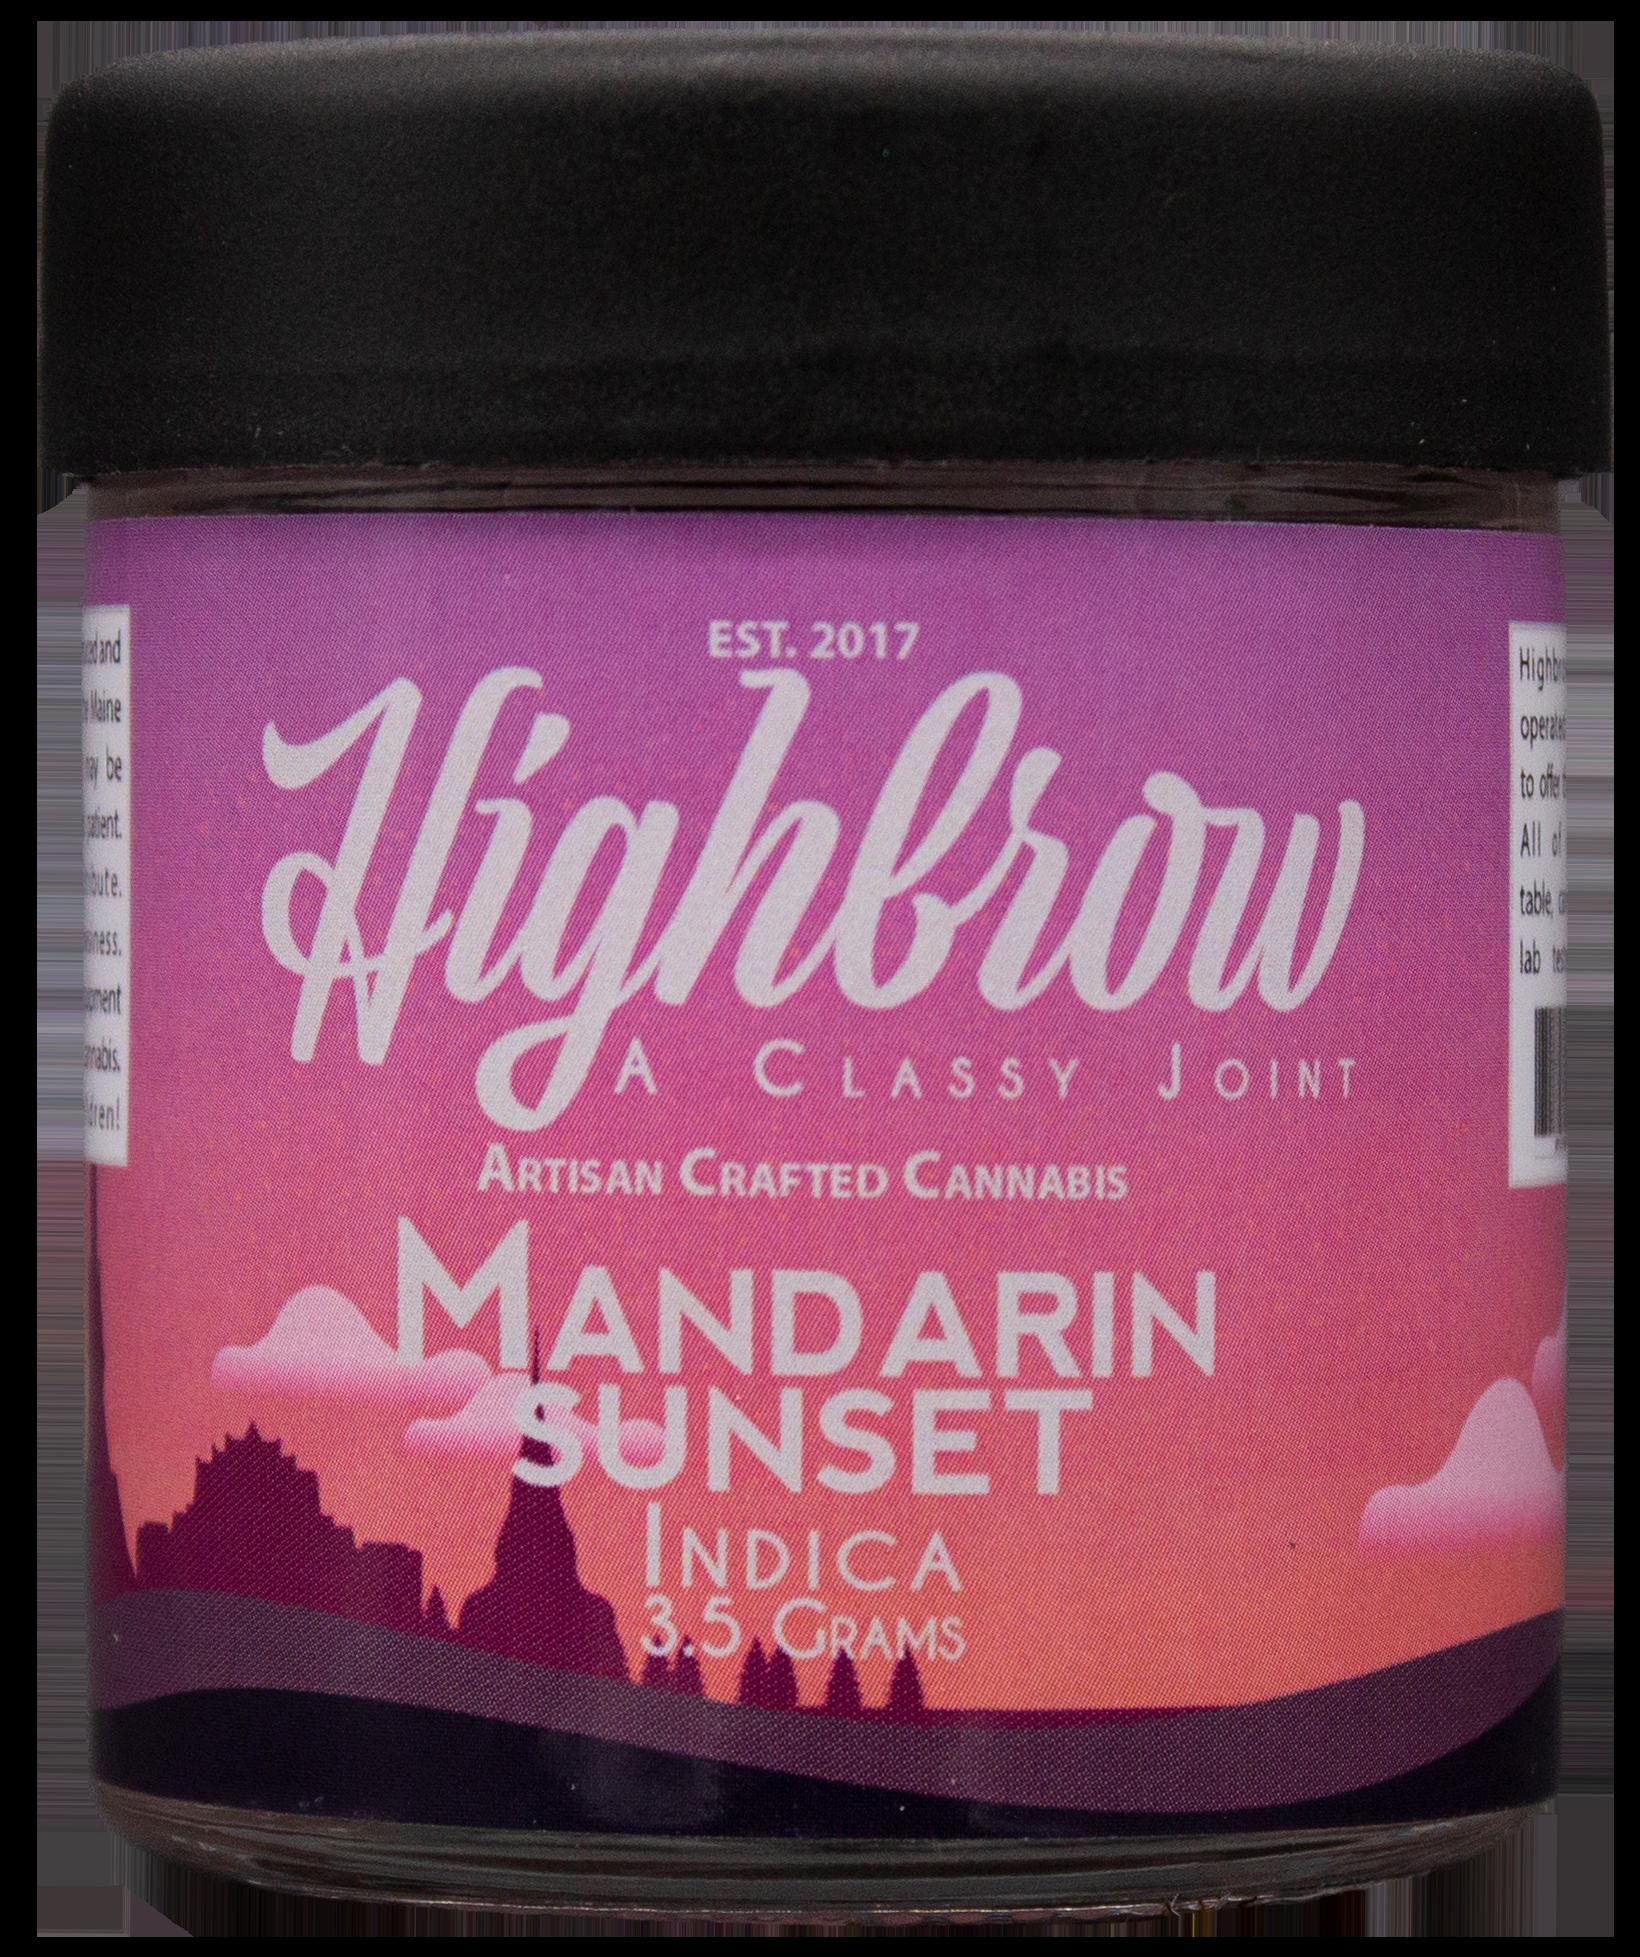 Mandarin Sunset - Take a walk through this Thai sunset.